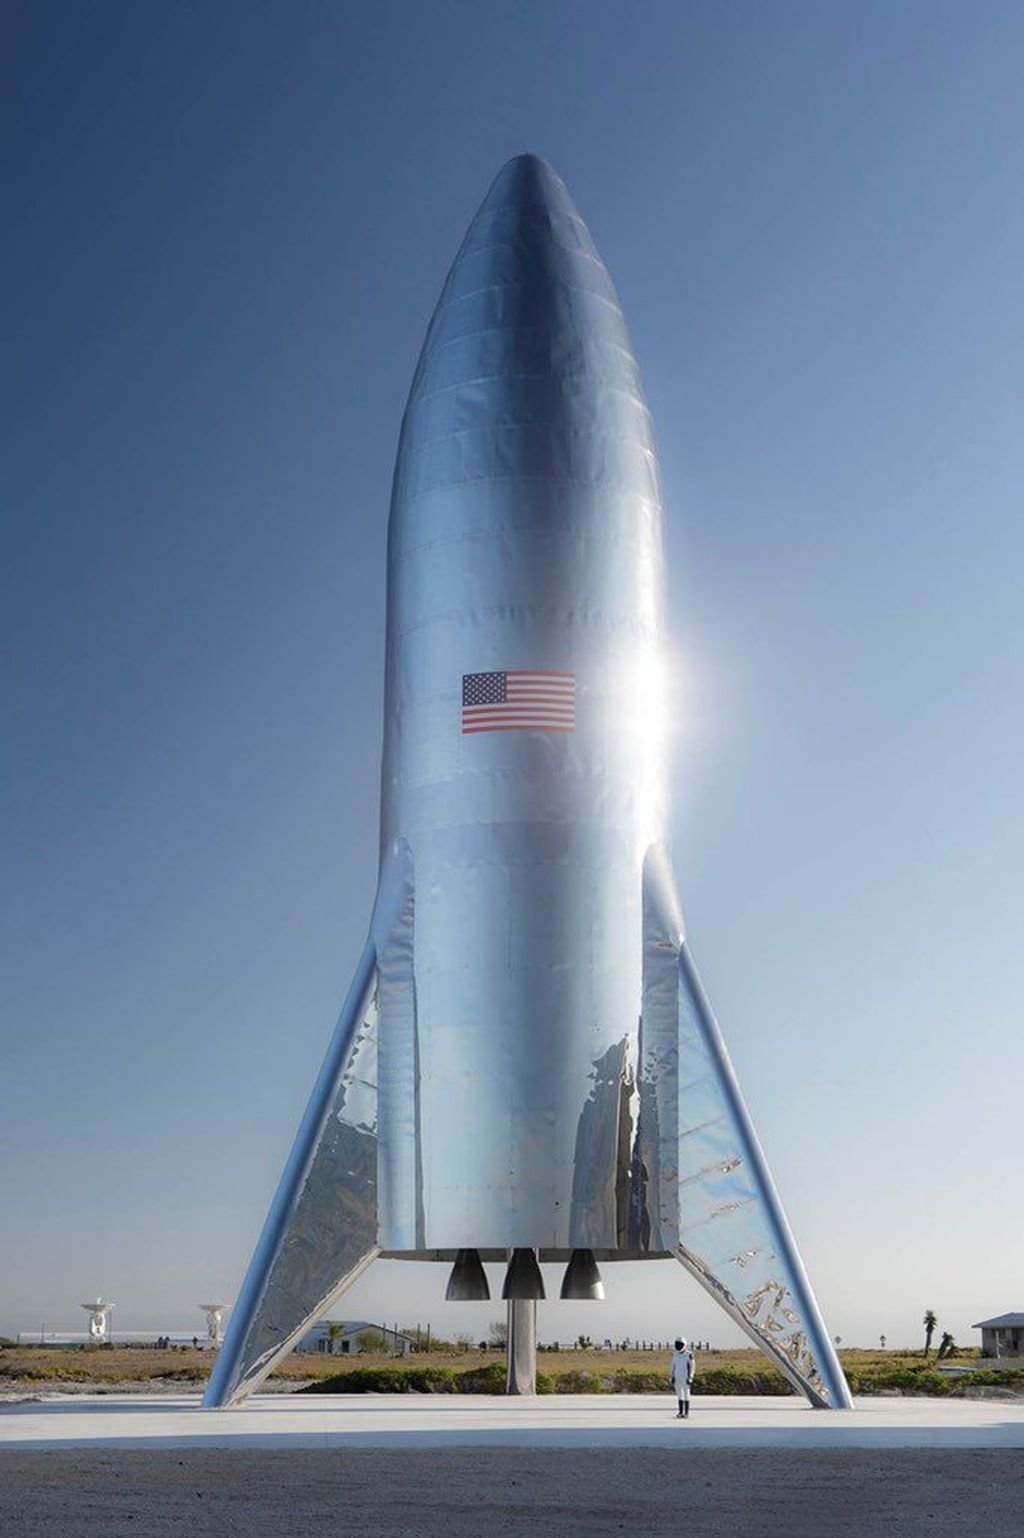 Melalui akun Twitter pribadinya, Elon Musk, CEO SpaceX, membagikan foto resmi perdana dari Starship, calon roket terkuat sejagat. Foto: Twitter/elonmusk